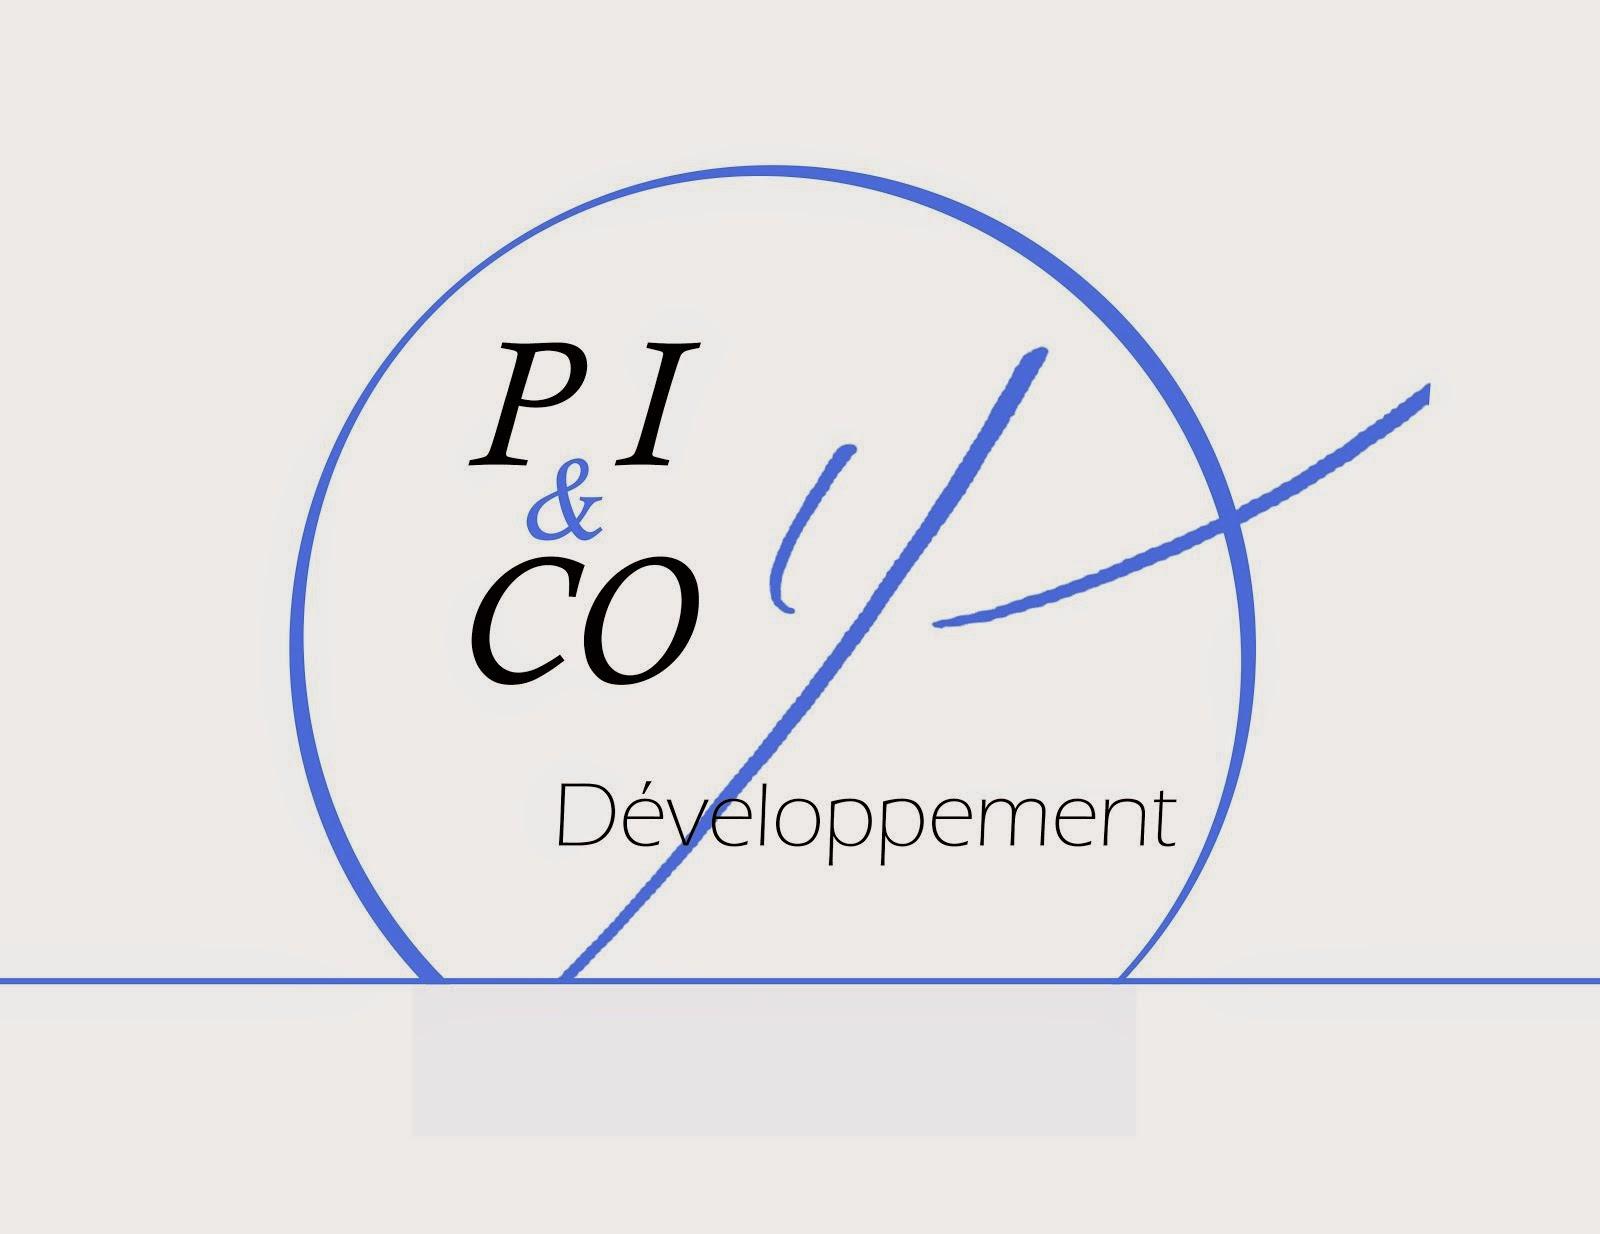 PI & CO